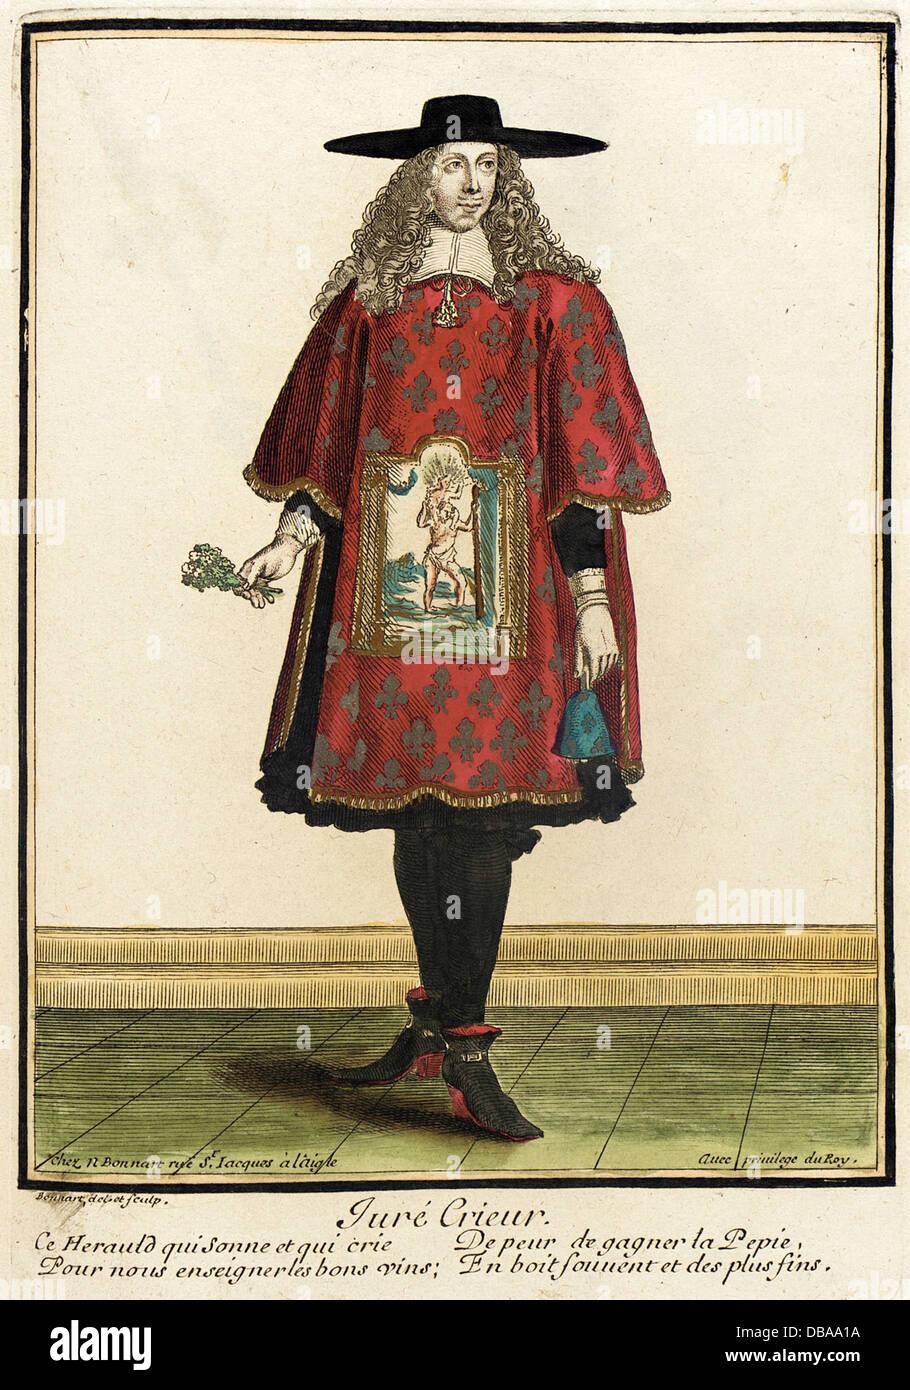 Recueil des modes de la cour de France, 'Jure Crieur' M.2002.57.147 - Stock Image